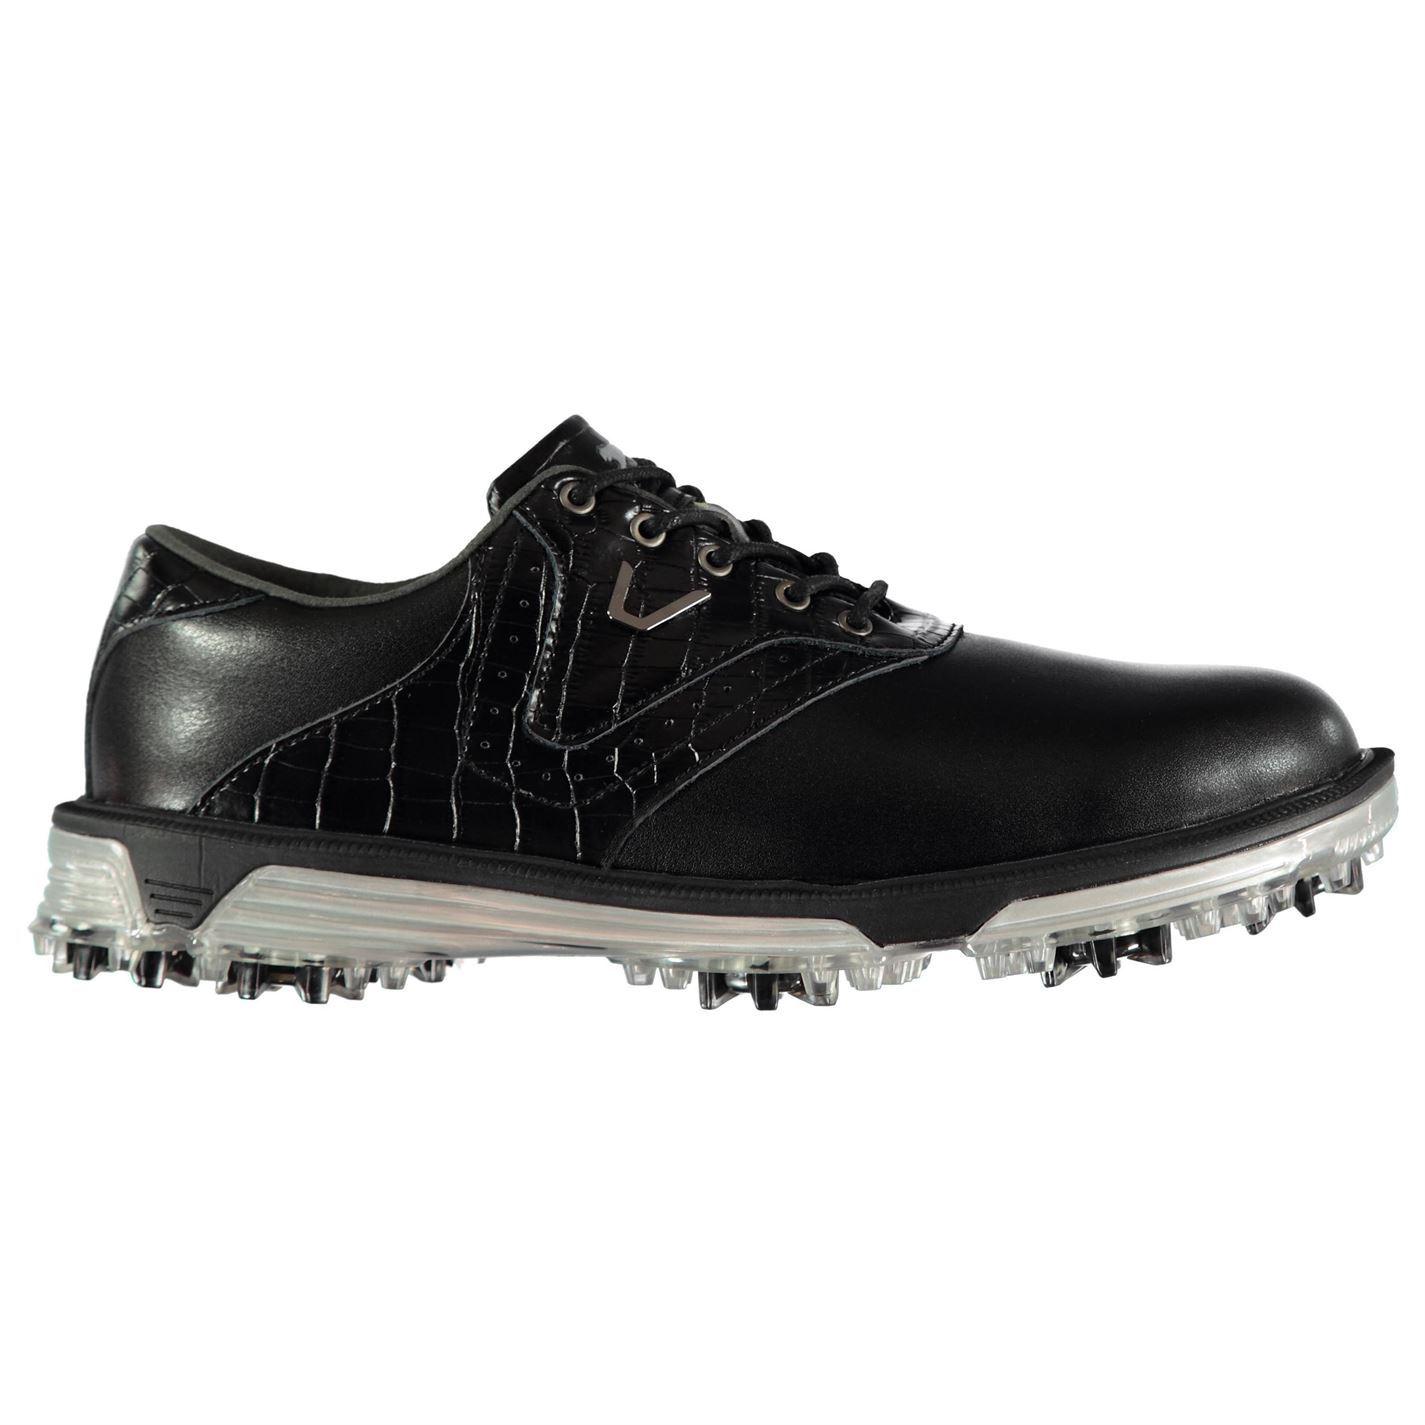 Slazenger-V500-Golf-Shoes-Mens-Spikes-Footwear thumbnail 7